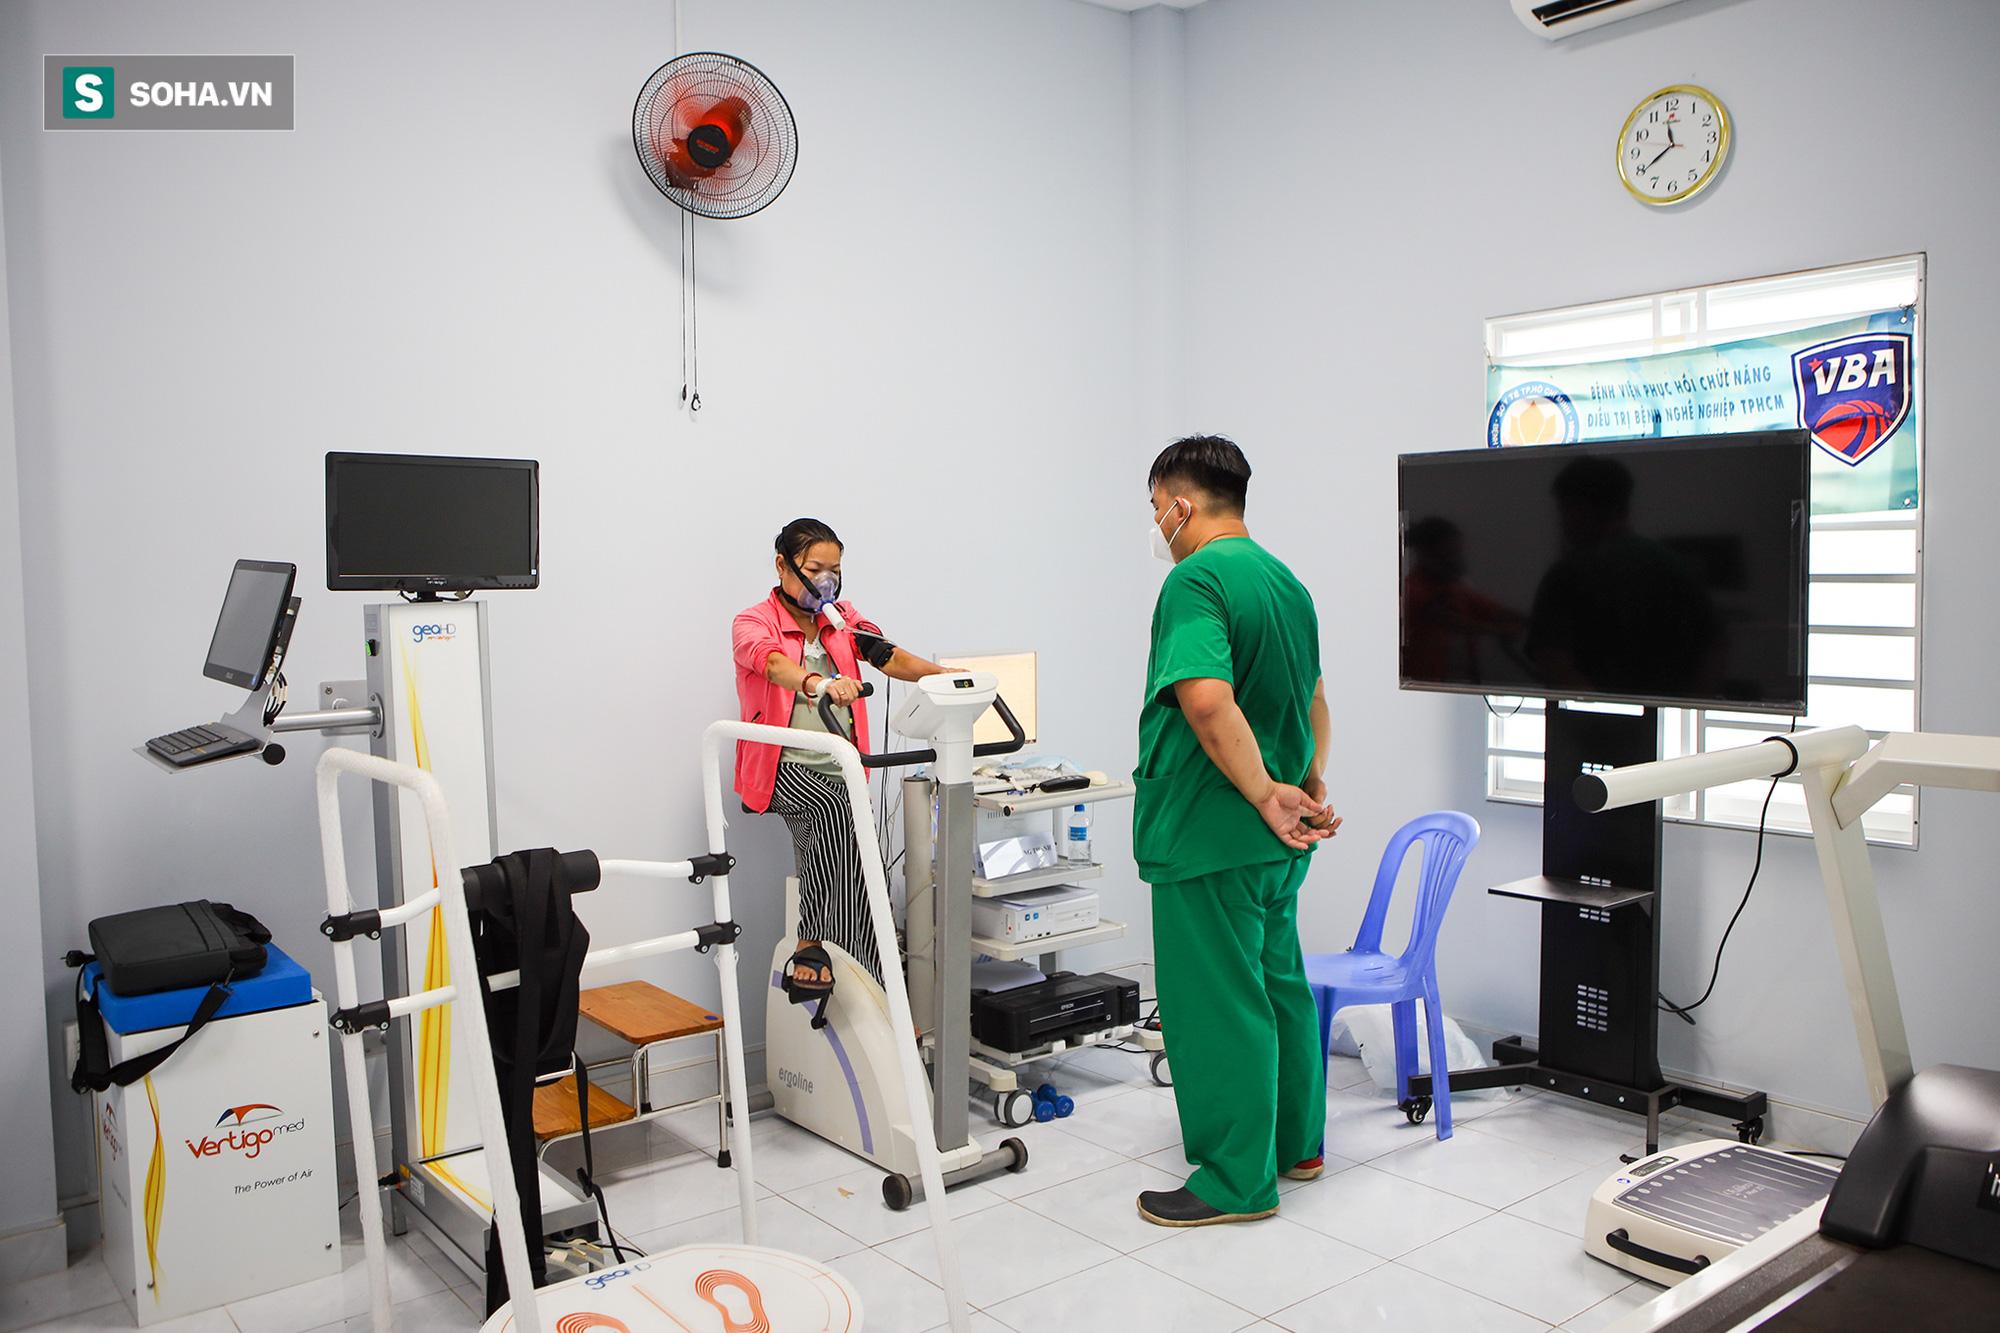 Lớp tập cai máy thở, tập đi và sự hồi phục kỳ diệu của những bệnh nhân mắc Covid-19 nặng - Ảnh 10.